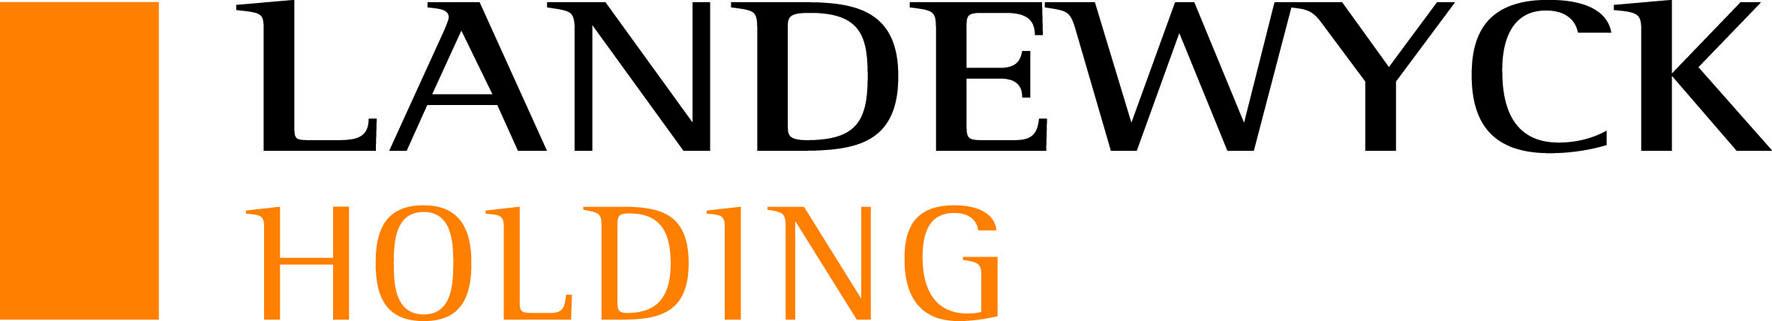 HVL logo Holding